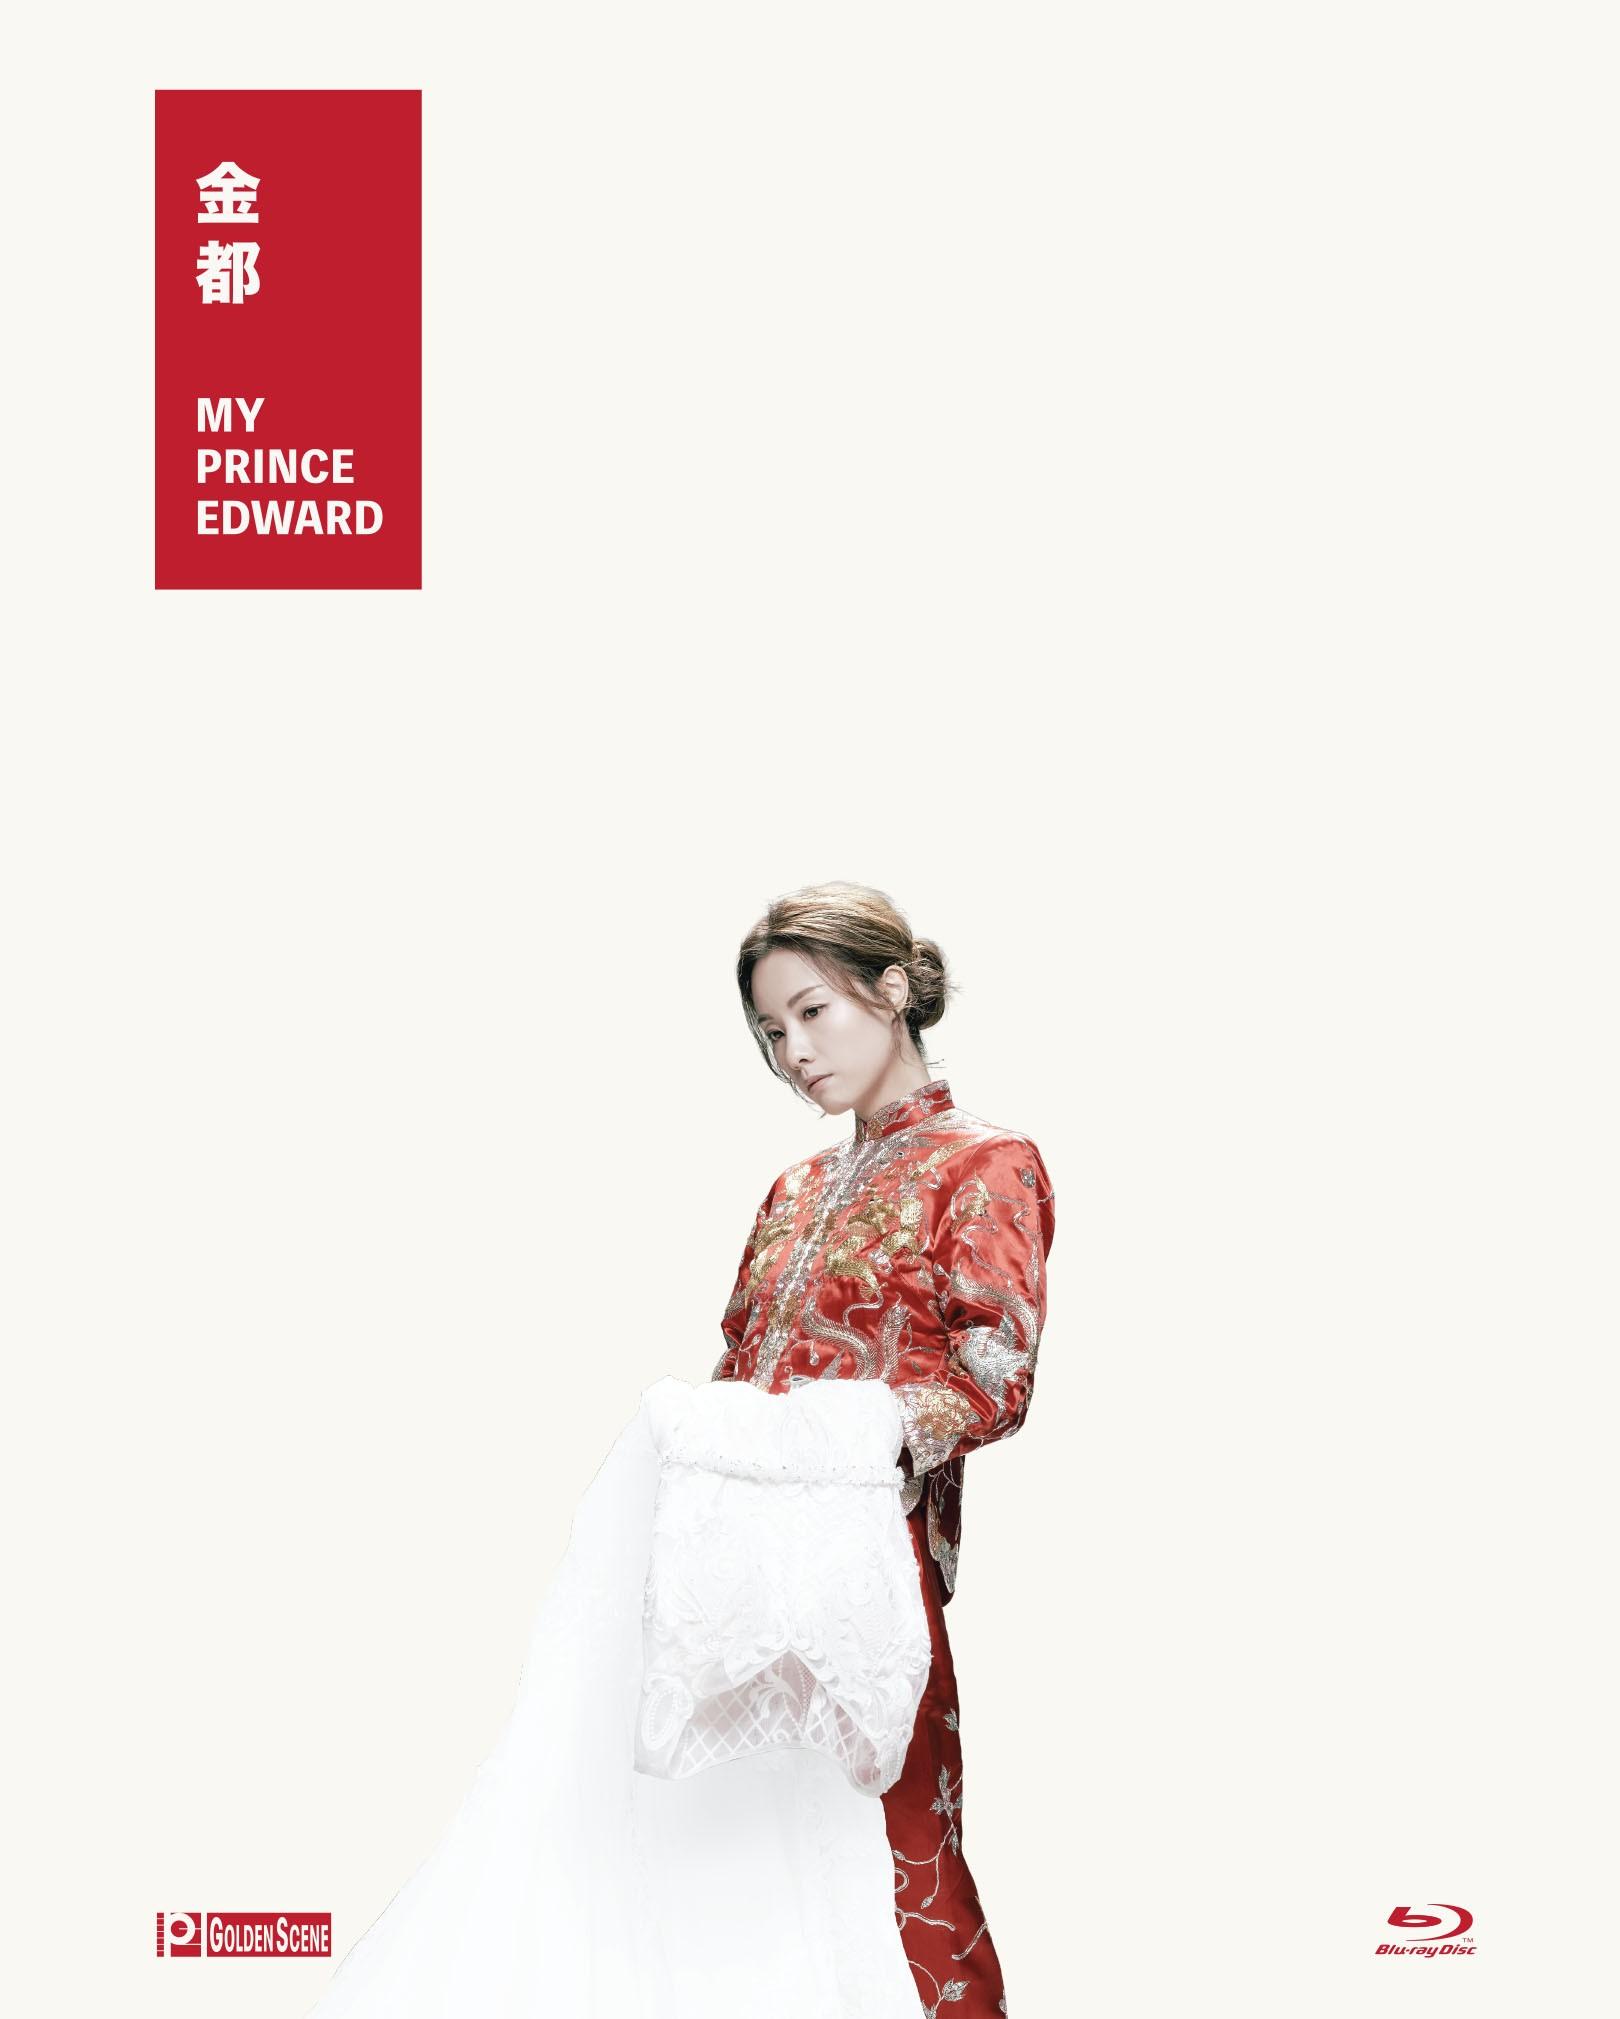 https://shop.panorama.com.hk/hk/romance/3567--2020-10-30.html